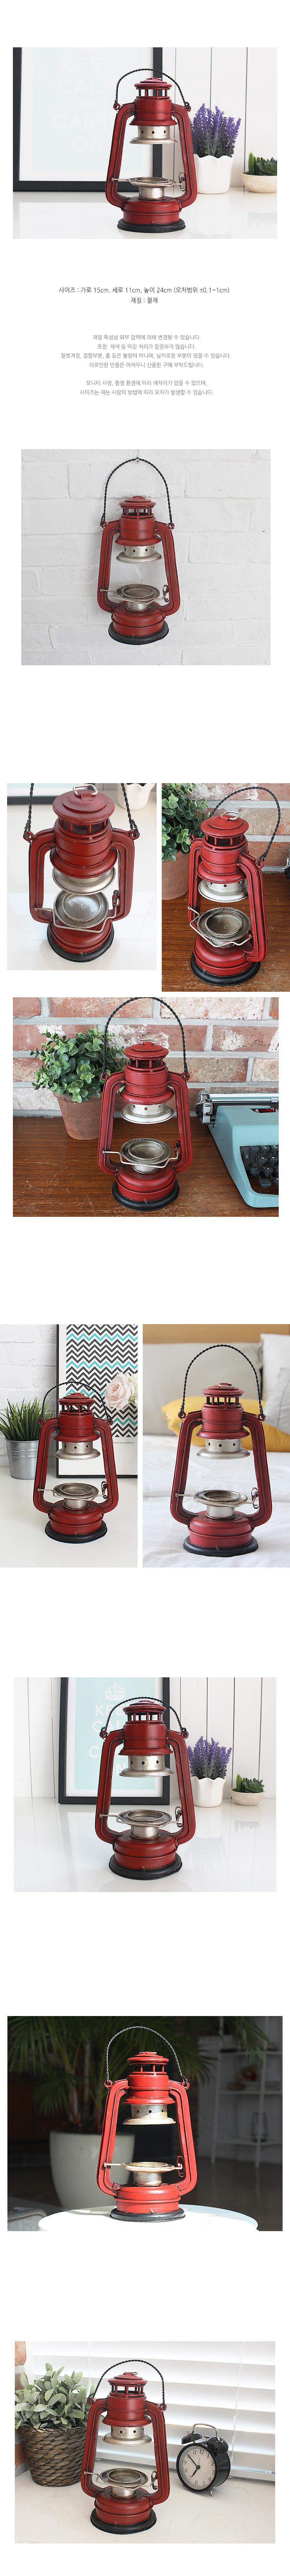 DS-S386레드 램프 캔들 홀더 촛대 카페 인테리어 소품 개업 선물 - 리빙톡톡, 32,000원, 캔들용품, 홀더/촛대